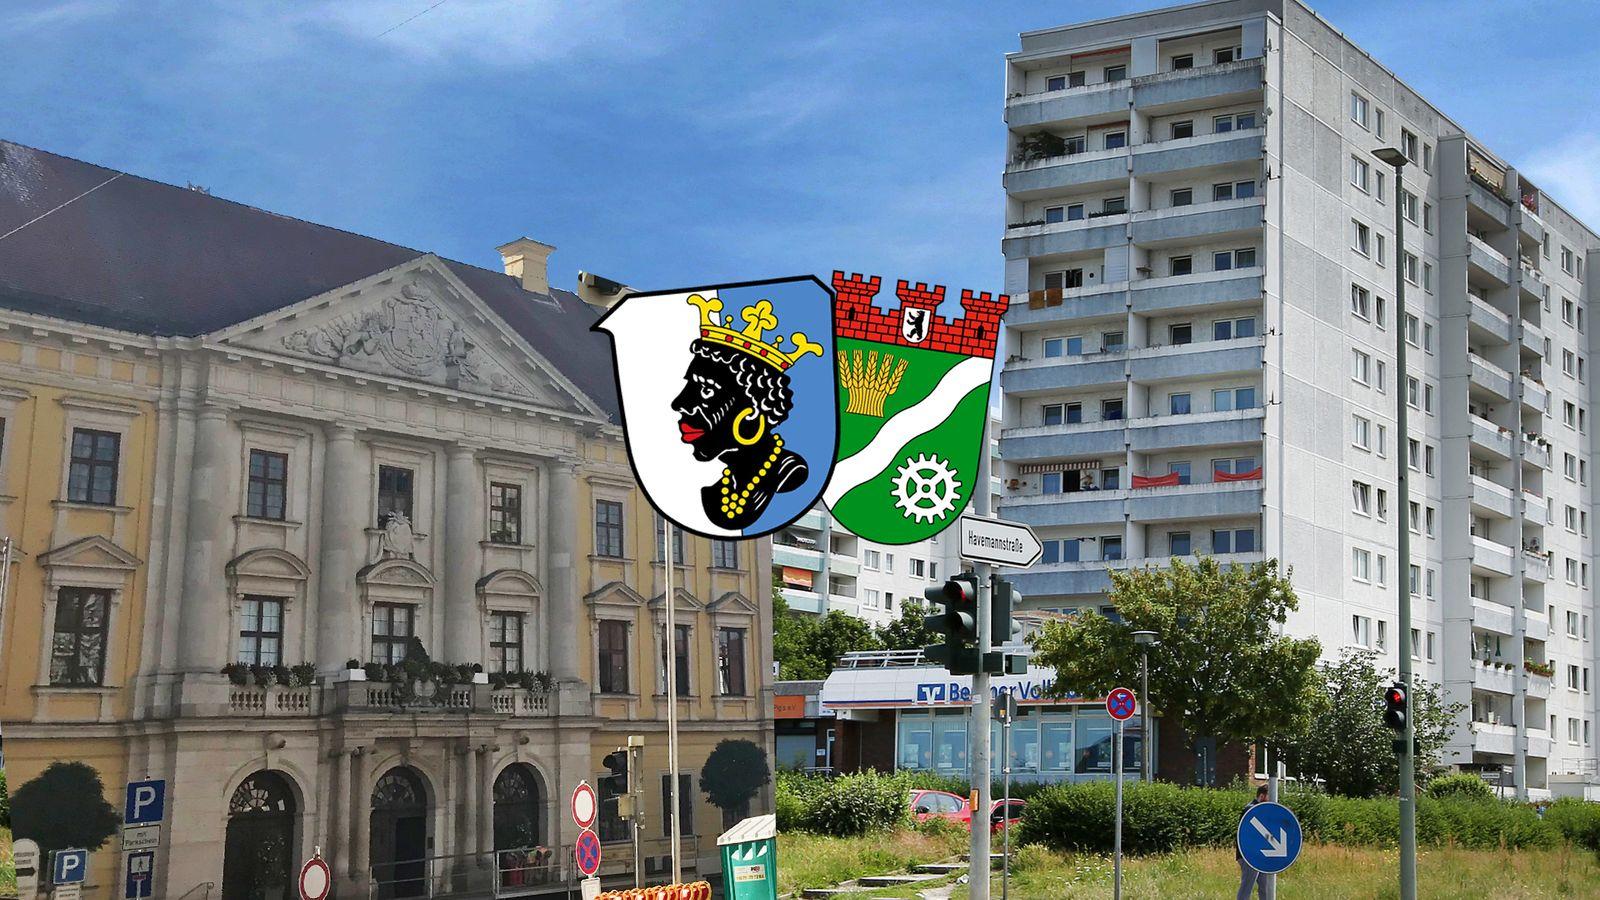 Städtepartnerschaft zwischen Lauingen und Berlin Marzahn (Symbolbild)